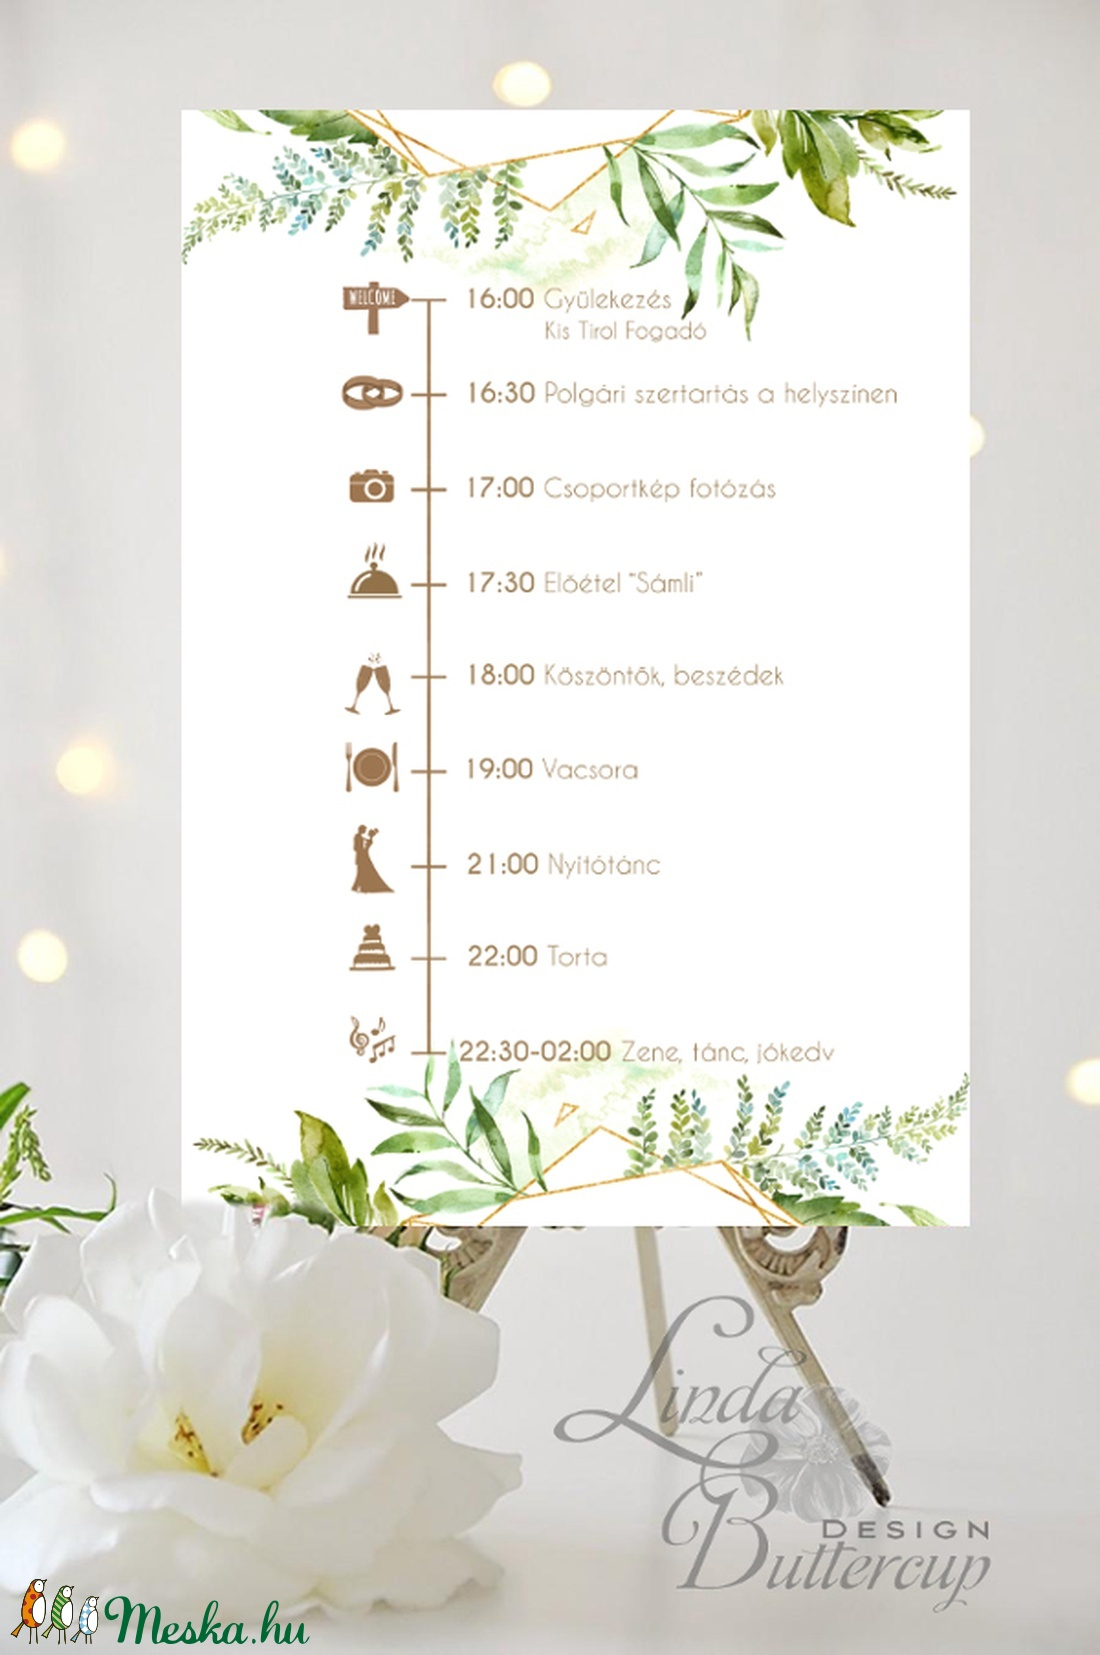 Esküvői Poszter A3, program, Esküvő Dekor, Felirat, Tábla, Vintage, Elegáns, geometrikus, greenery program, vendégváró (LindaButtercup) - Meska.hu